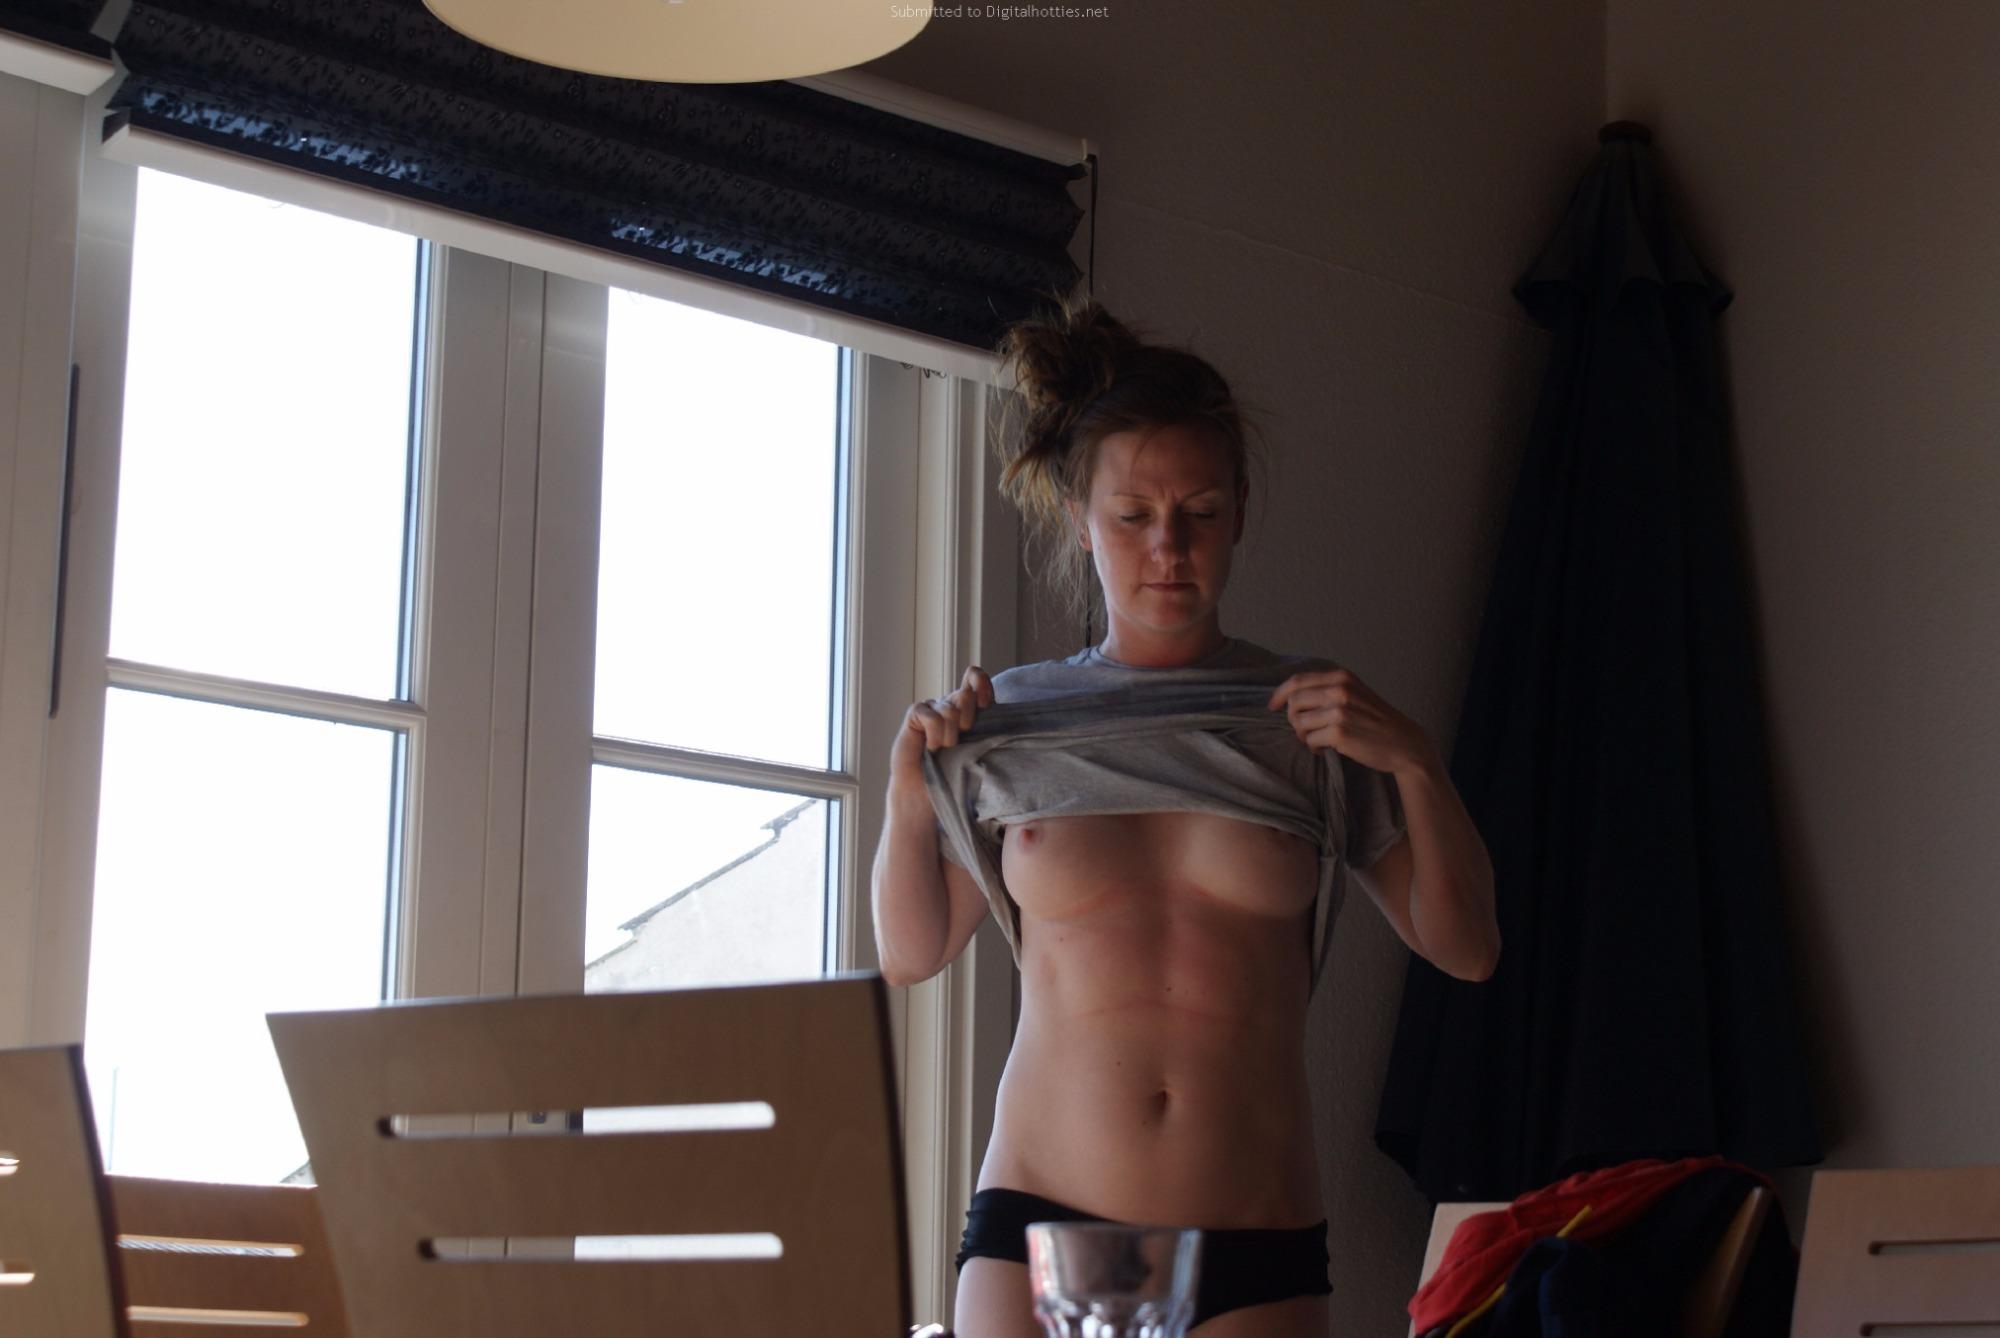 Reencuentro con la puta de mi suegra part 2 - 2 part 8